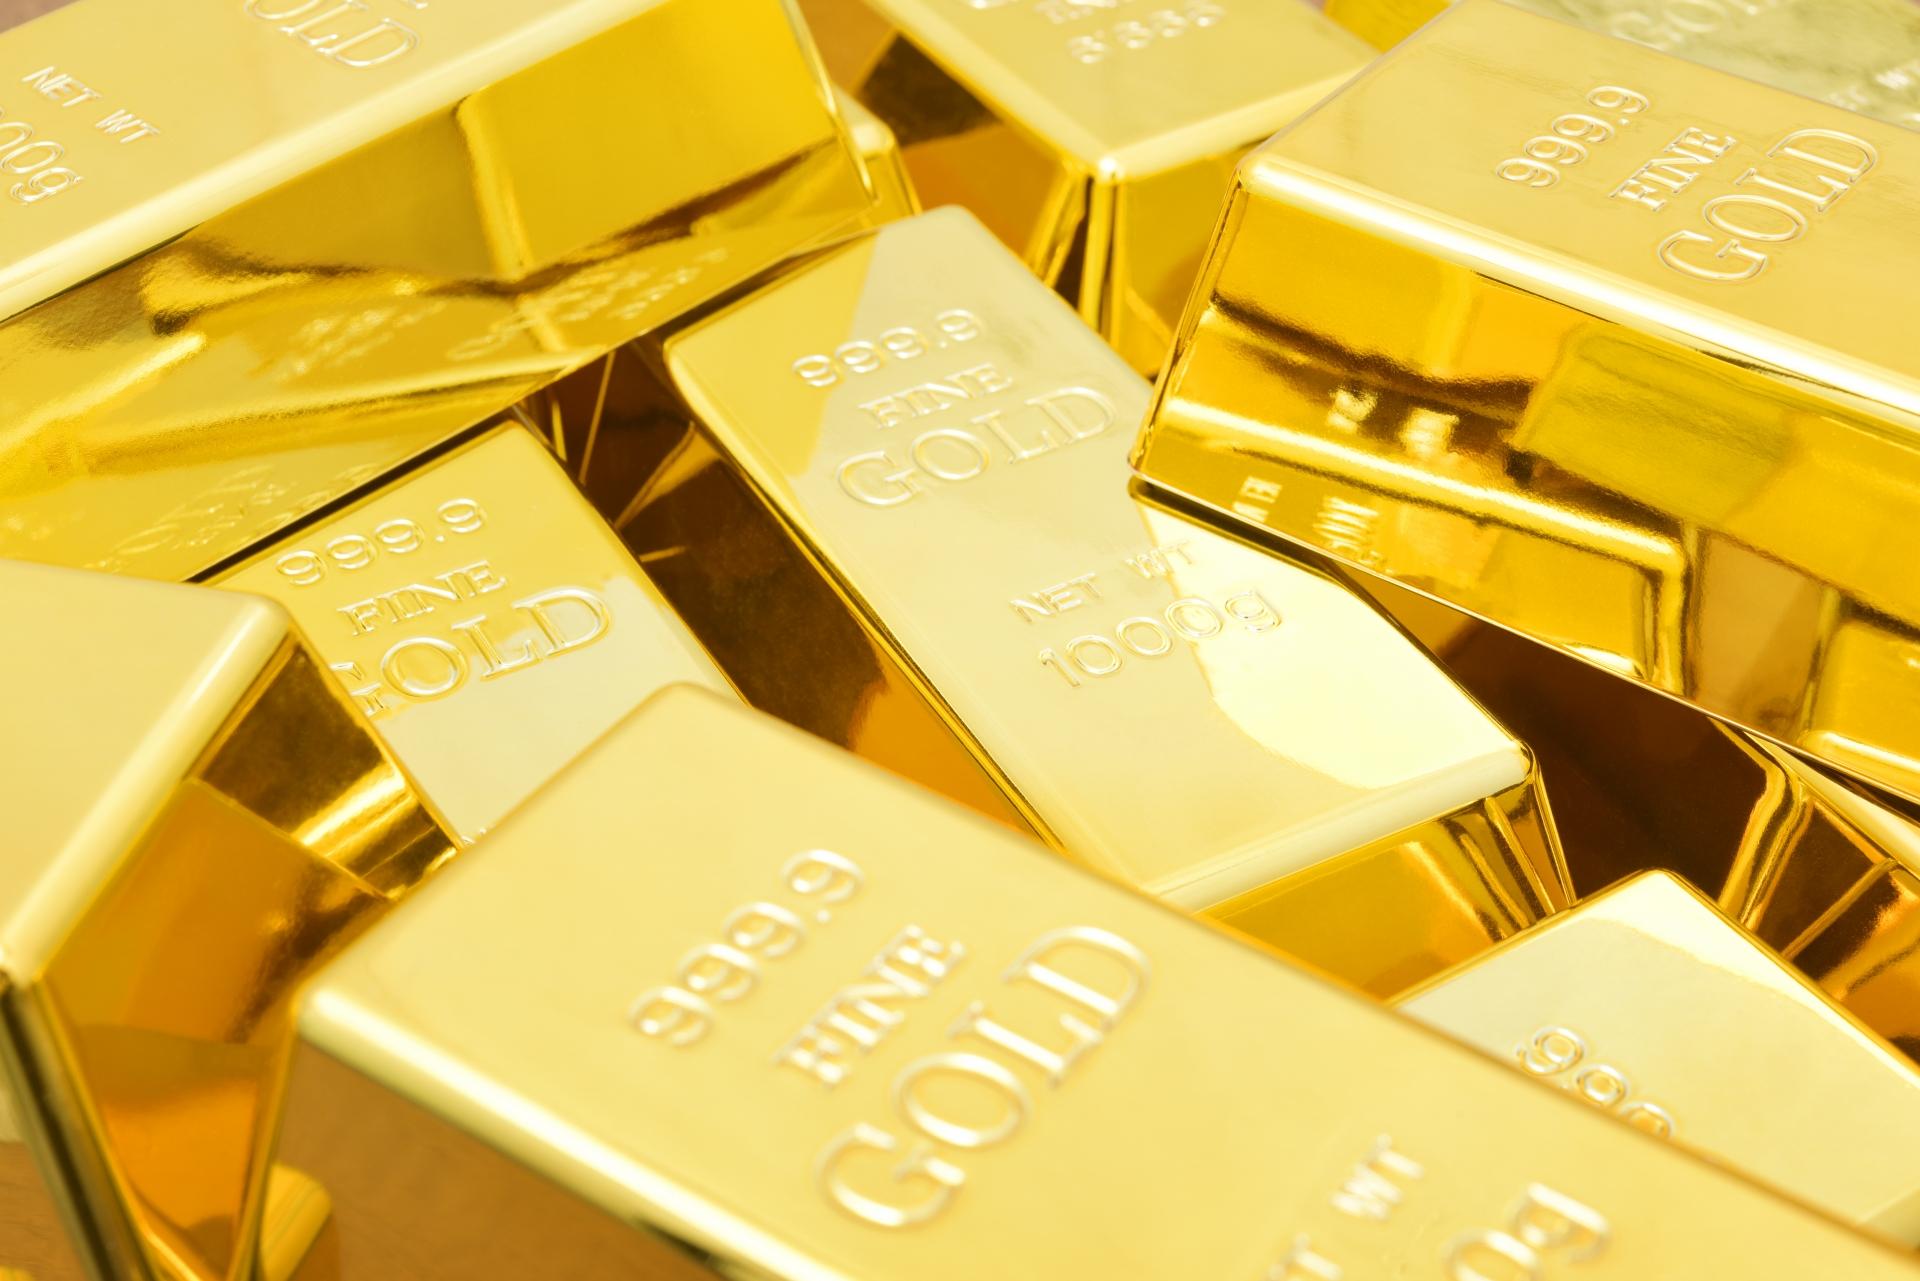 【金投資家は必見】金の産出量最大の中国が、なお金を買い占める理由